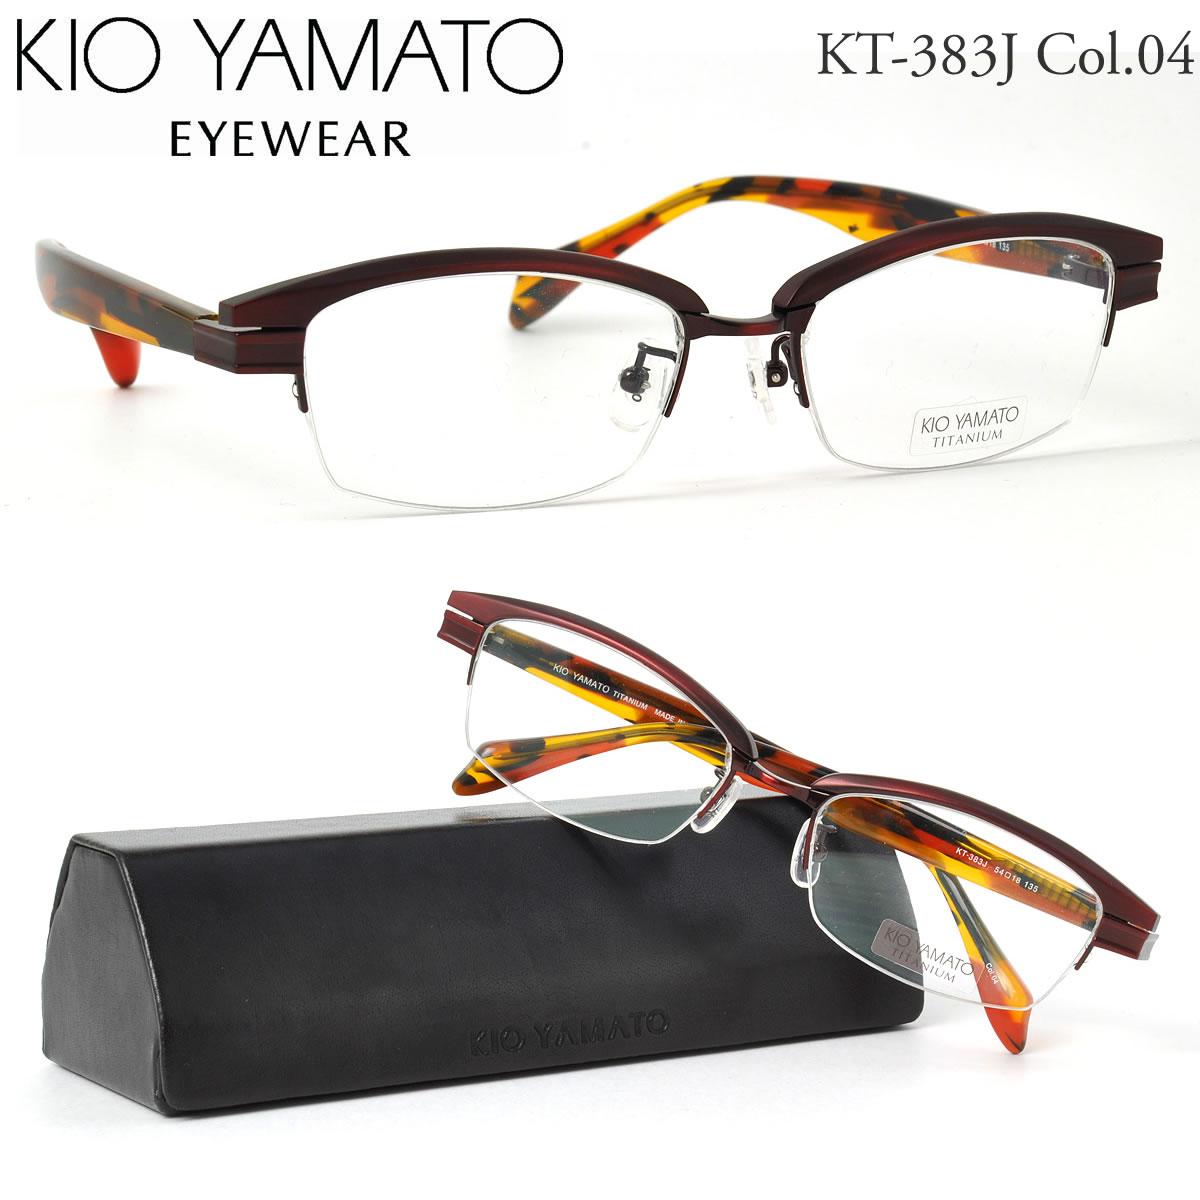 ほぼ全品ポイント15倍~最大34倍+2倍! 【KIO YAMATO メガネ】キオヤマト メガネフレーム KT-383J 04